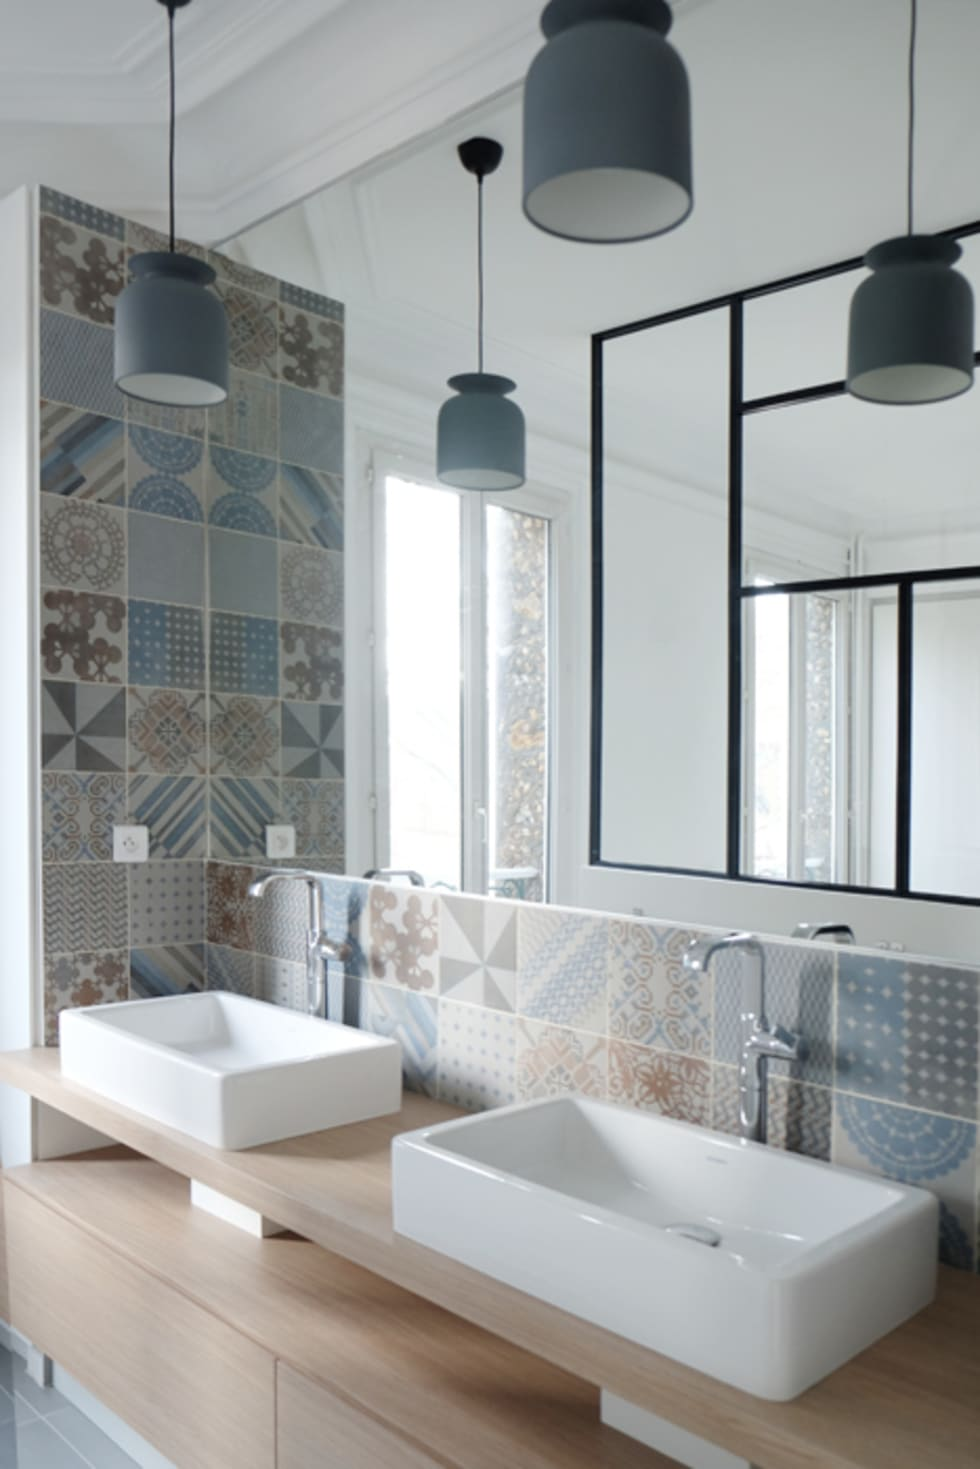 Astuce Rangement Salle De Bain Ikea ~ Id Es De Design D Int Rieur Et Photos De R Novation Homify